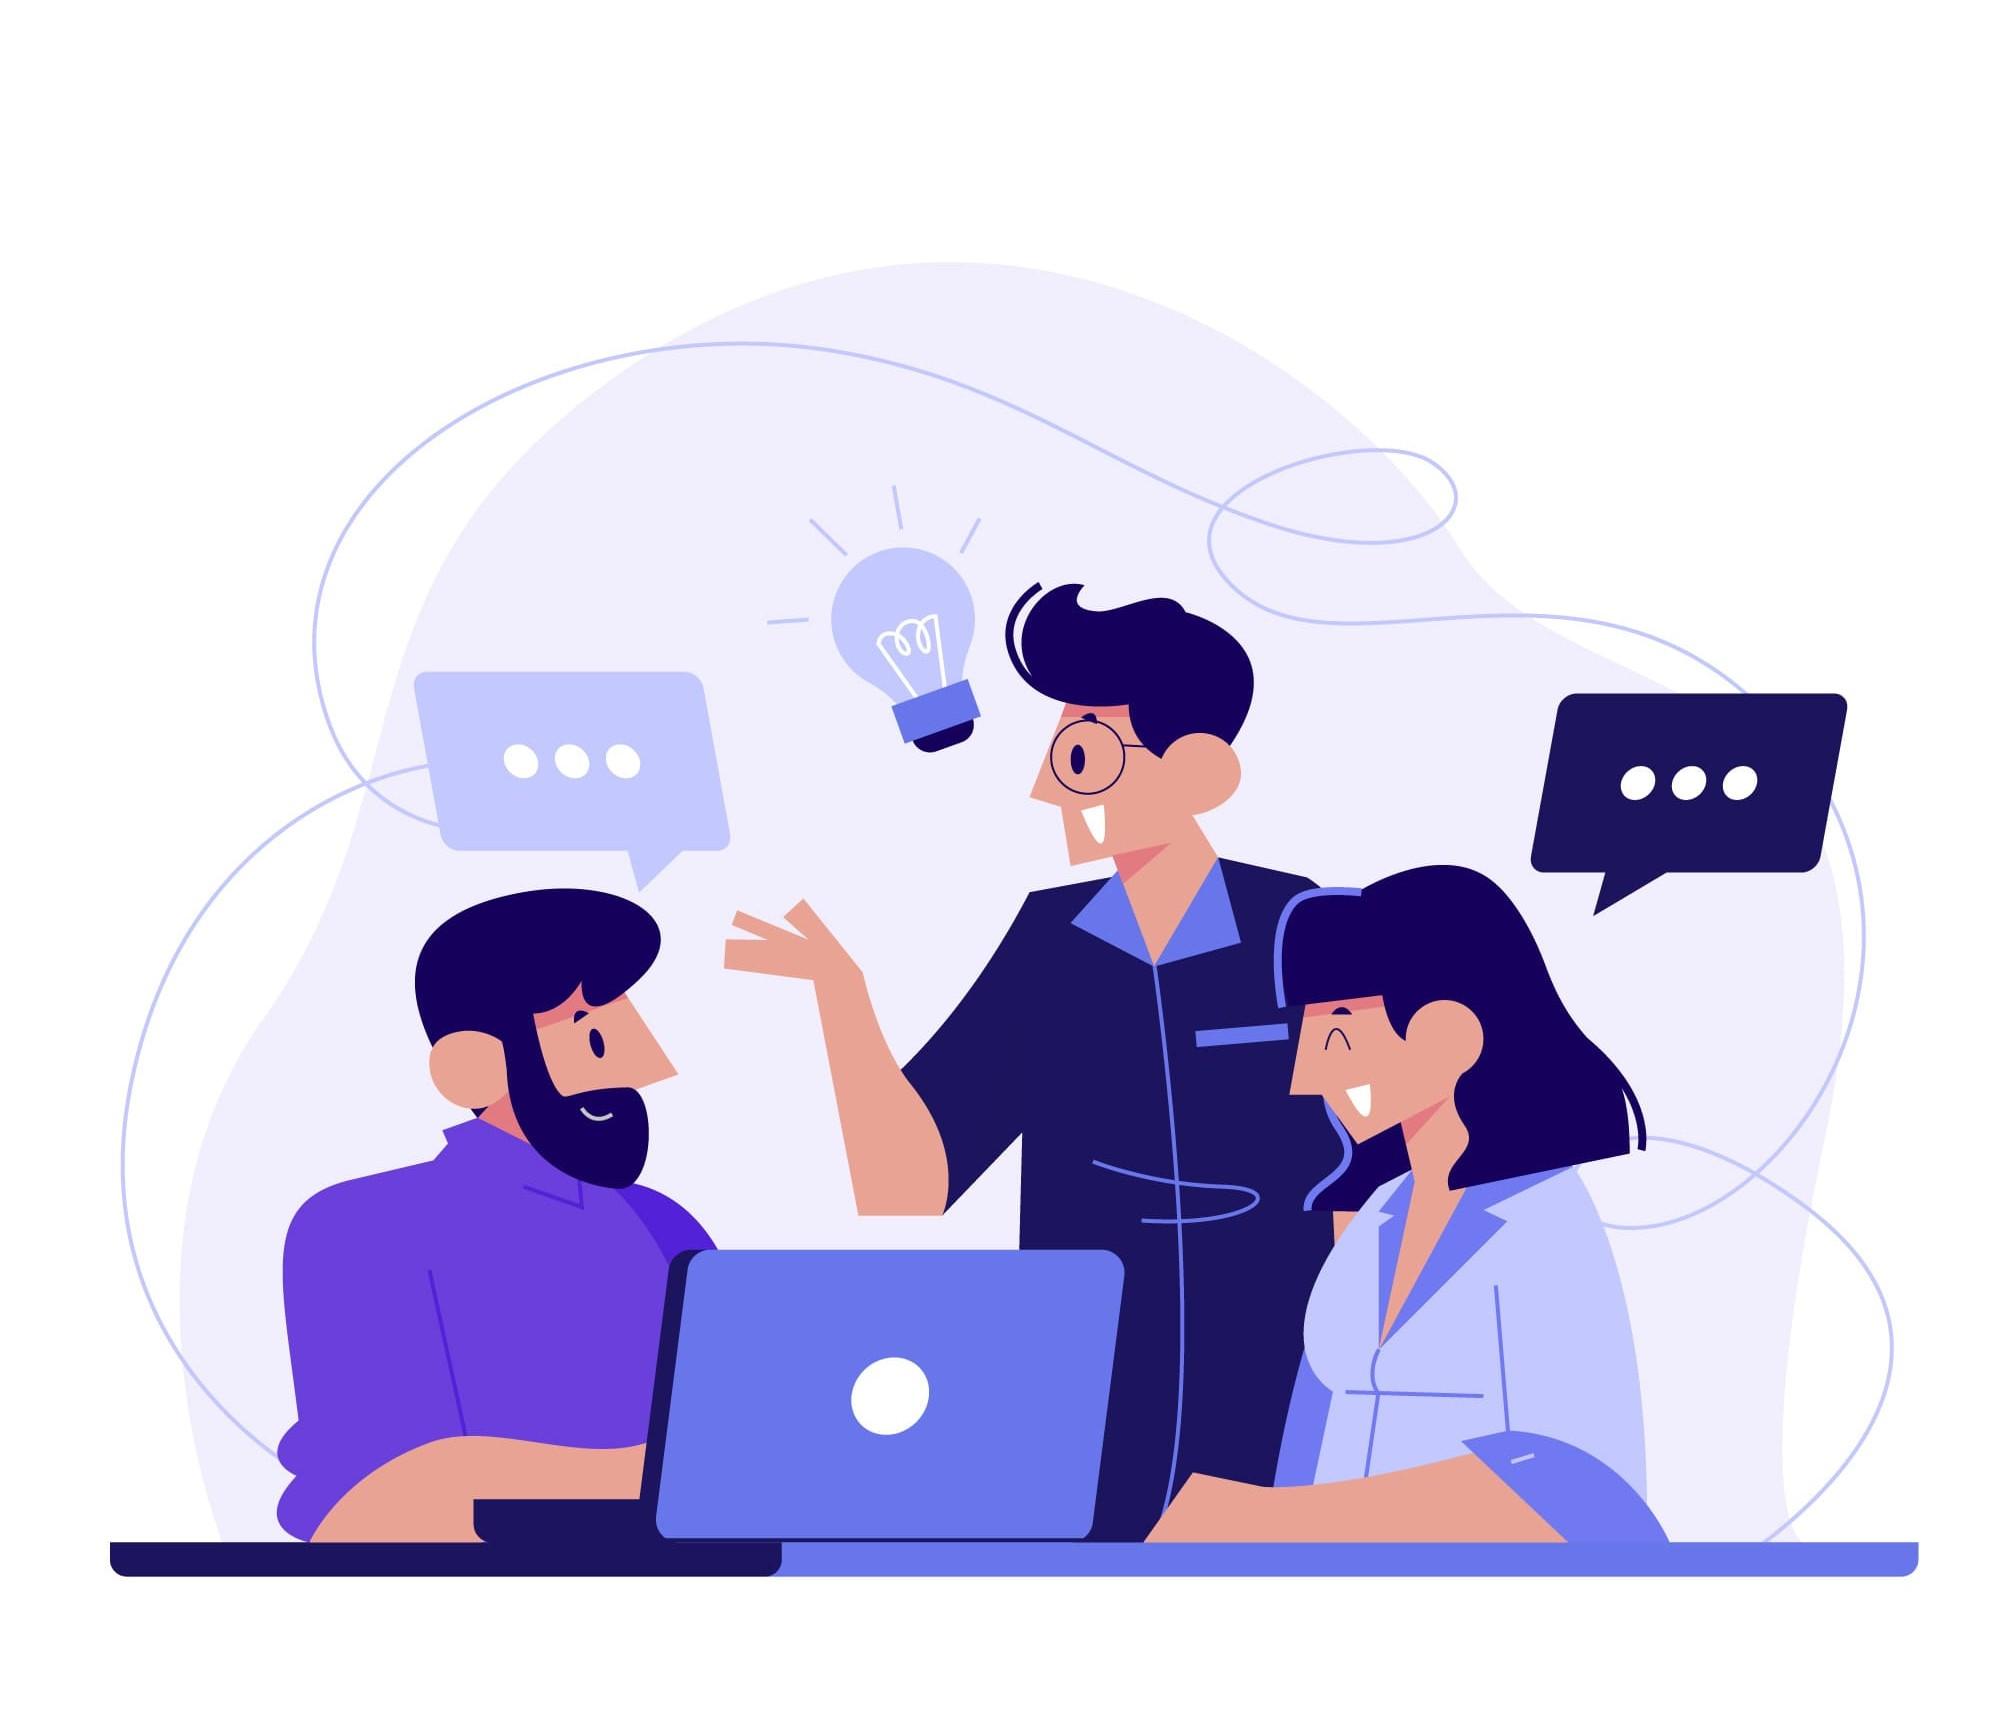 کارآفرینان،کسب و کار،کسب و کاراینترنتی